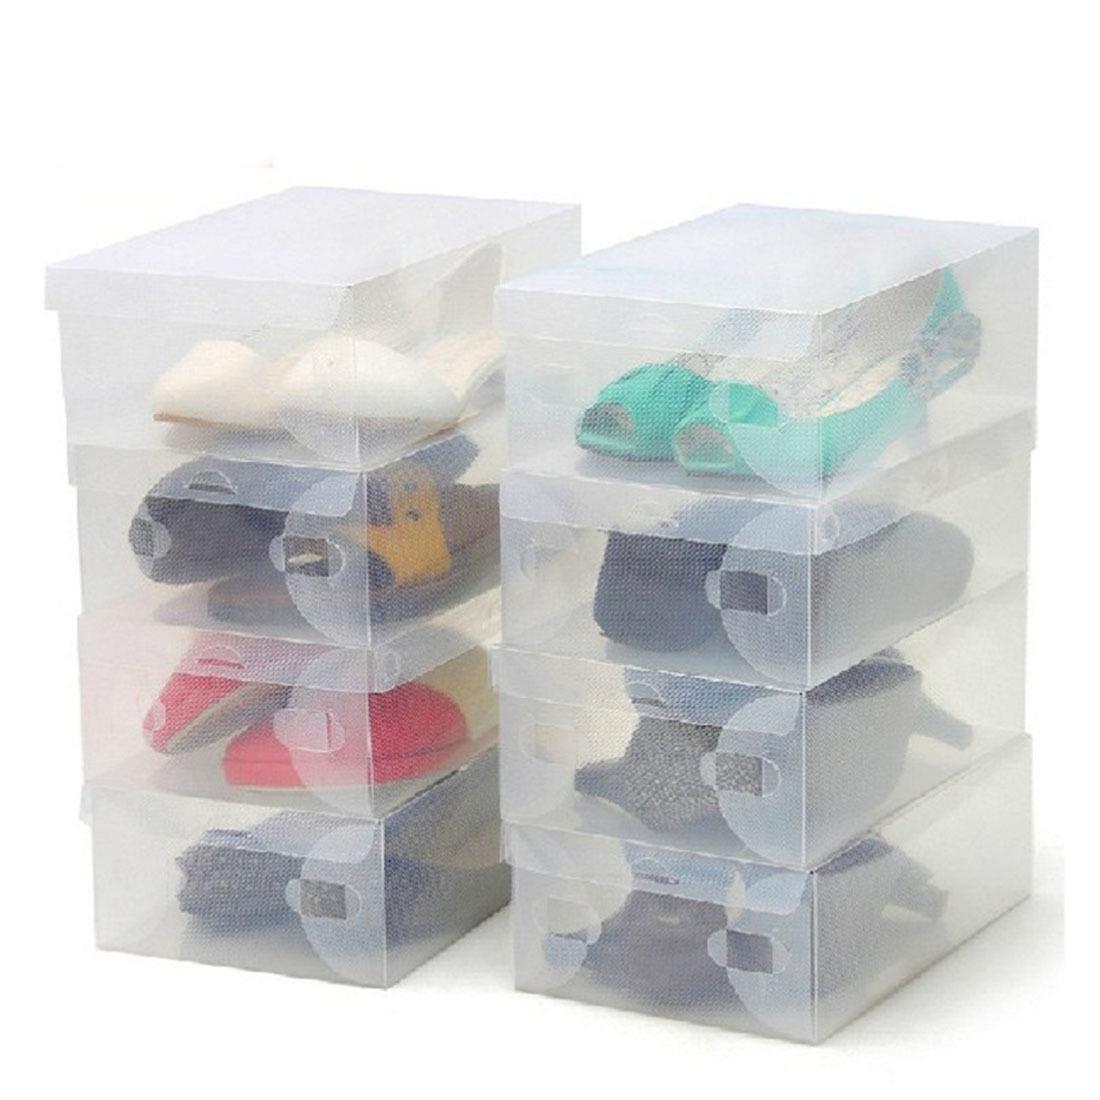 Üst Satış 10 Ad Şeffaf Makyaj Organizatör Temizle Plastik Ayakkabı Saklama Kutuları Katlanabilir Ayakkabı Vaka Tutucu Ev Faydalı Araçlar Y1113